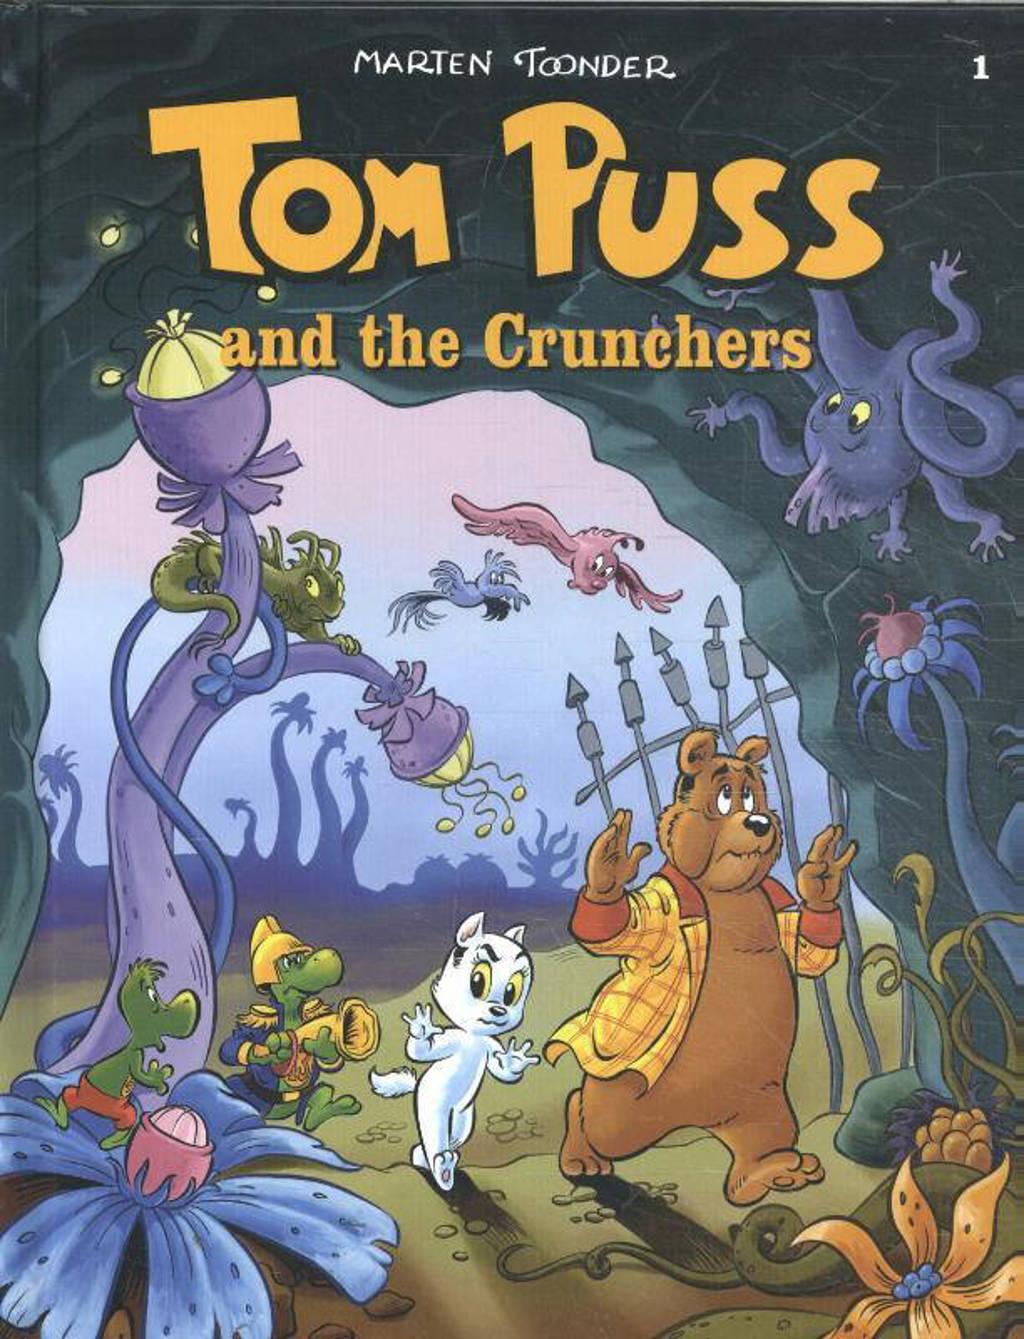 Tom Poes avonturen: Tom Puss and the Crackers - Marten Toonder